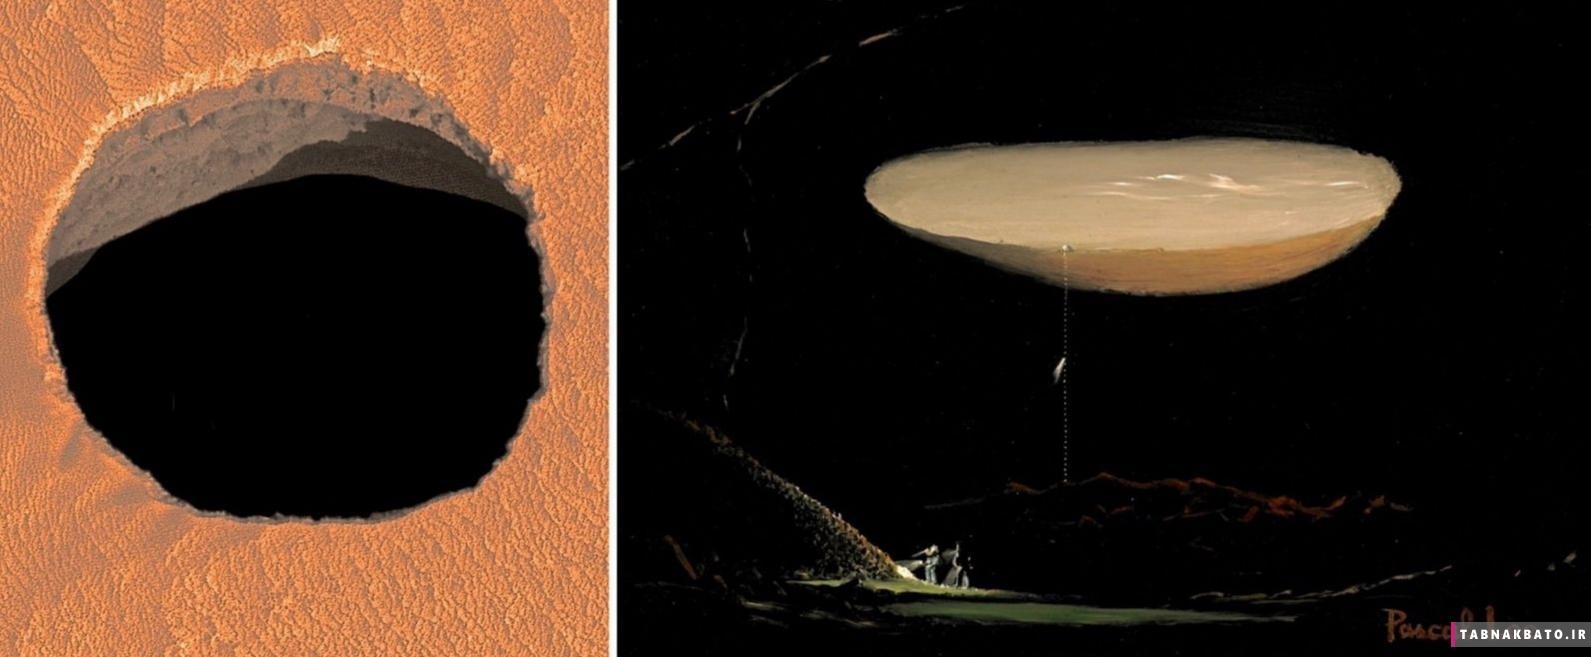 کشف تونلهای زیر سطح مریخ، کشف عجیب ناسا